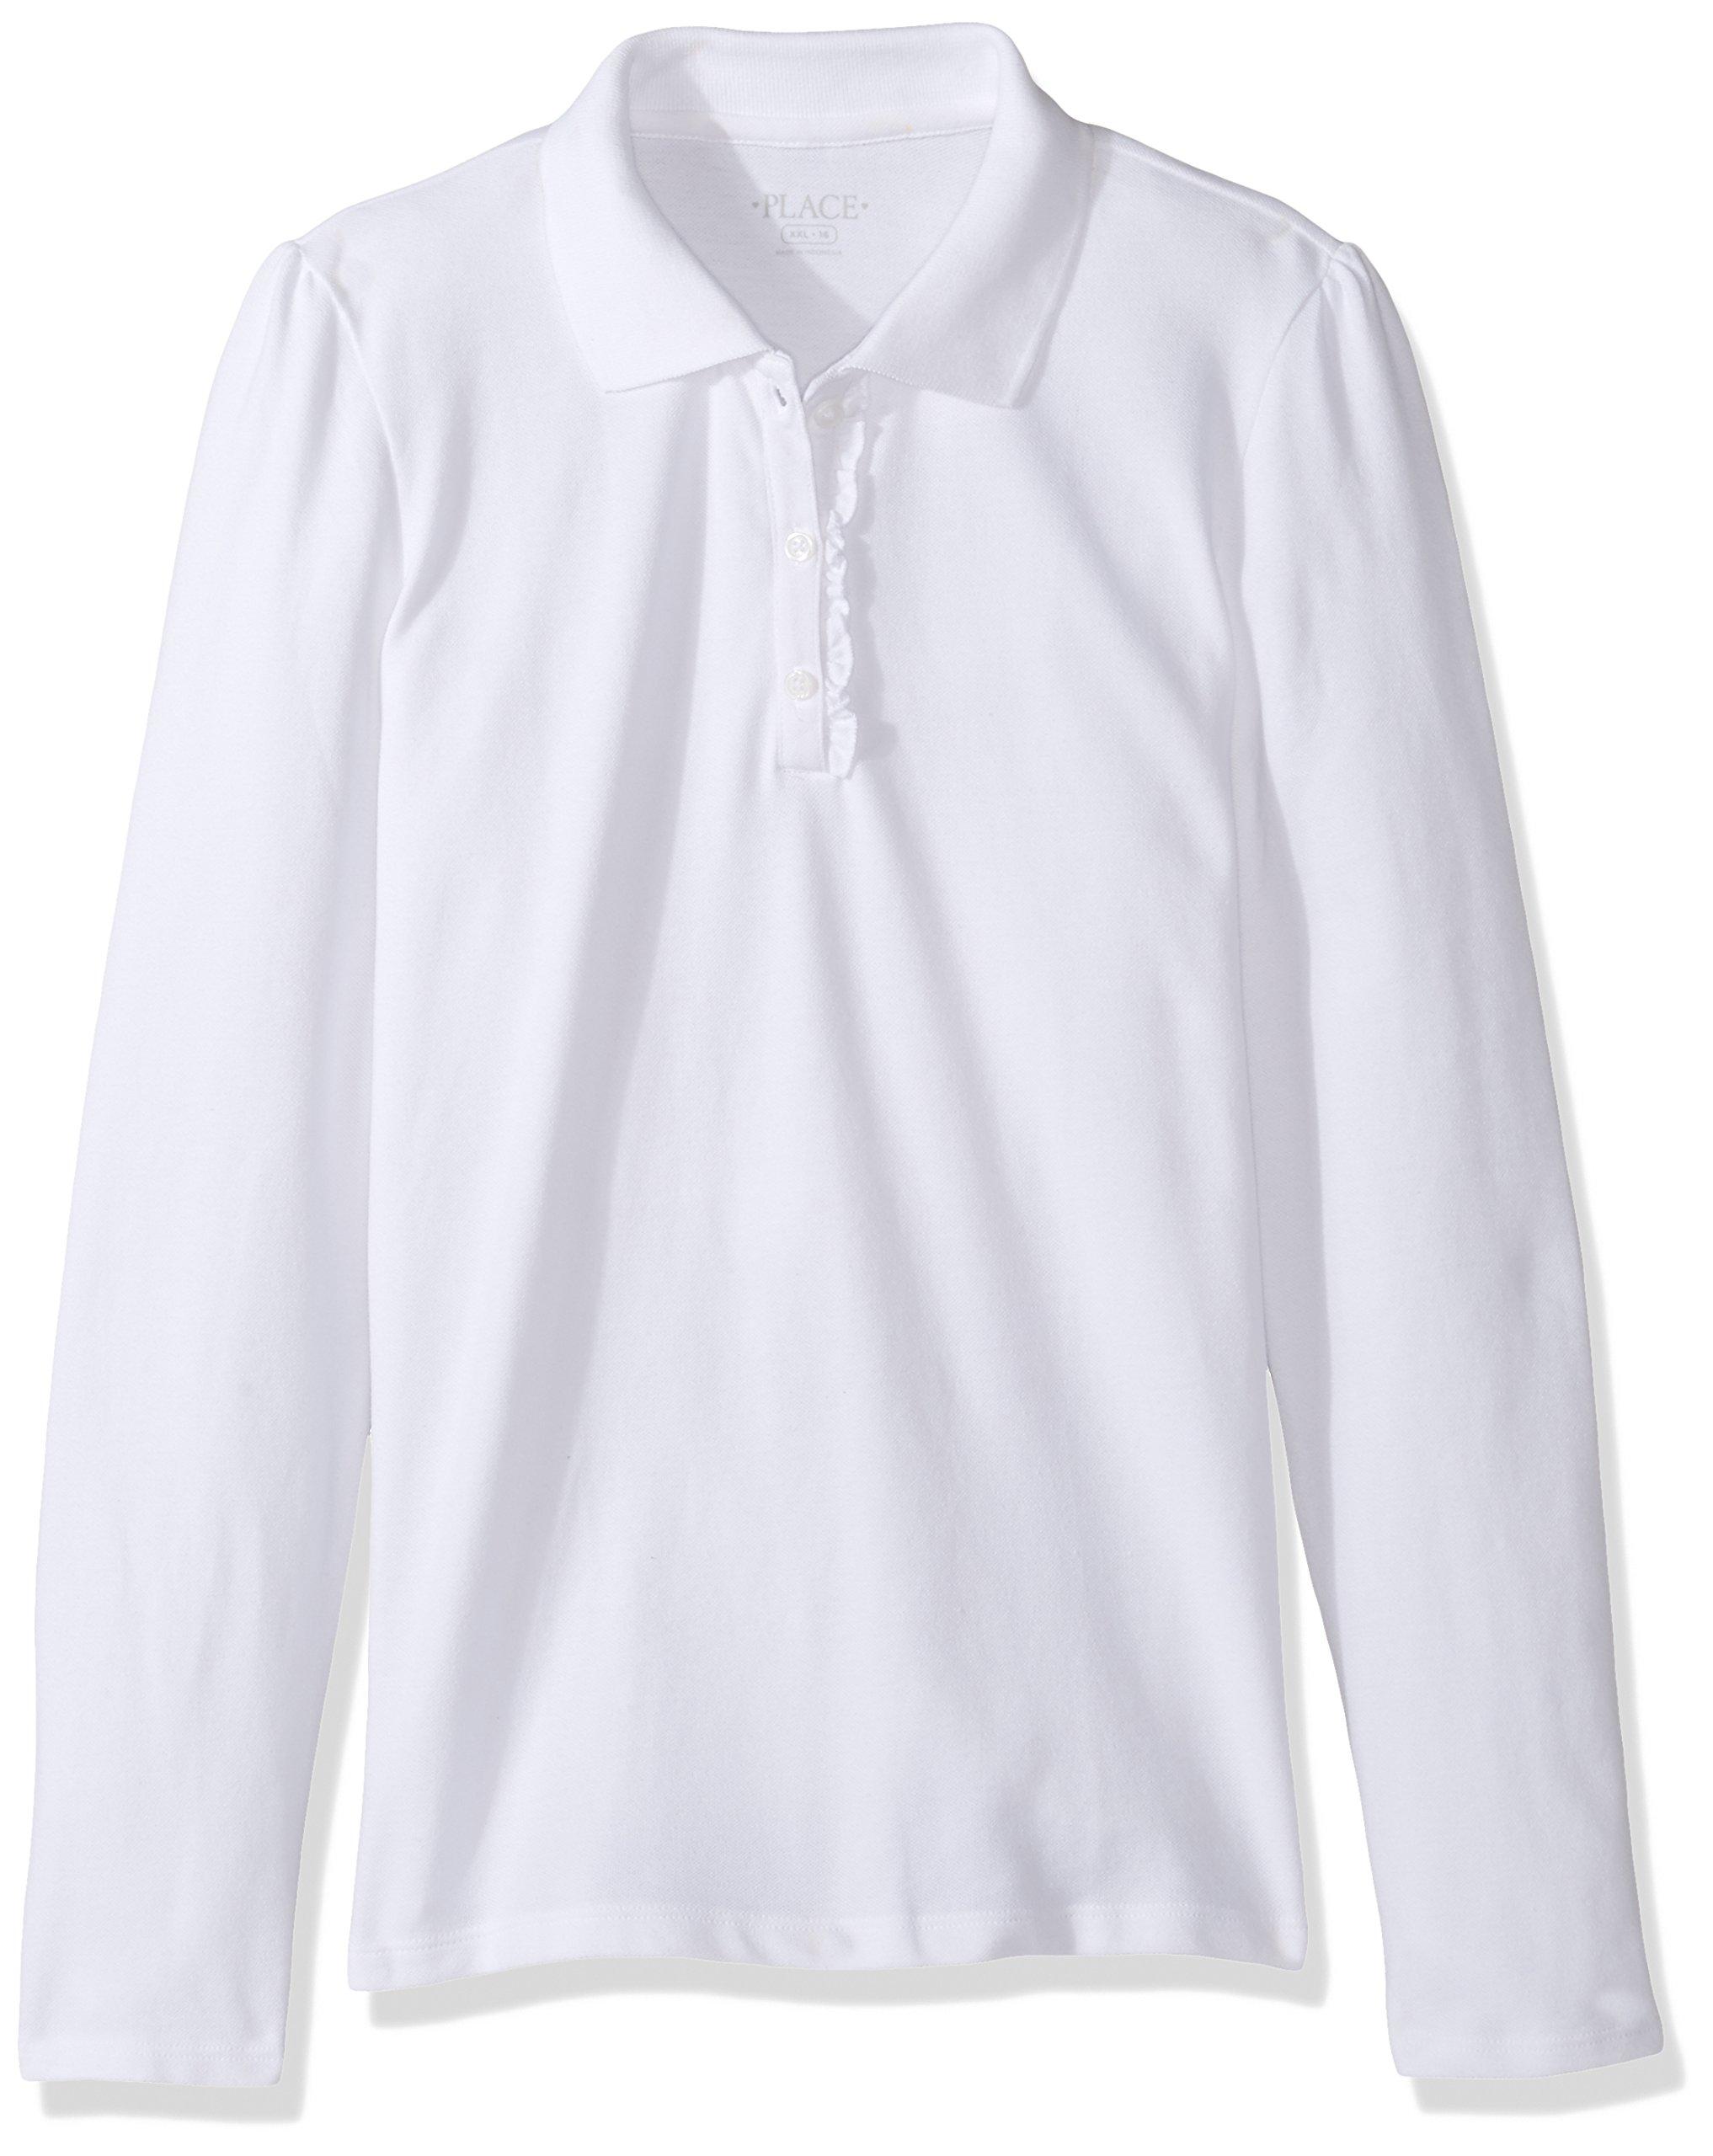 The Children's Place Big Girls' Long Sleeve Ruffle Polo Shirt